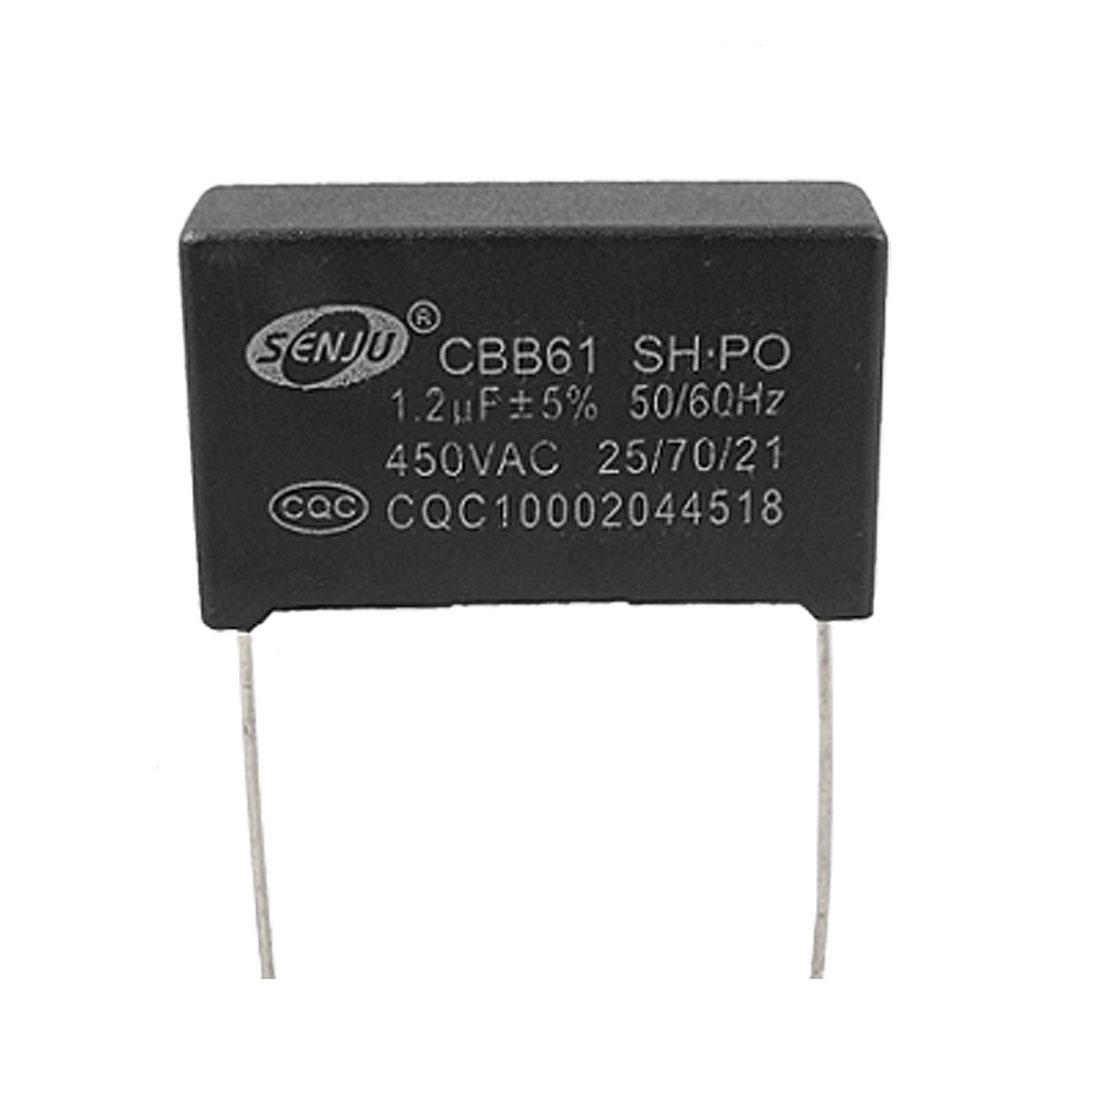 Fan CBB61 Nonpolar 1.2uF 450V AC Motor Running Capacitor